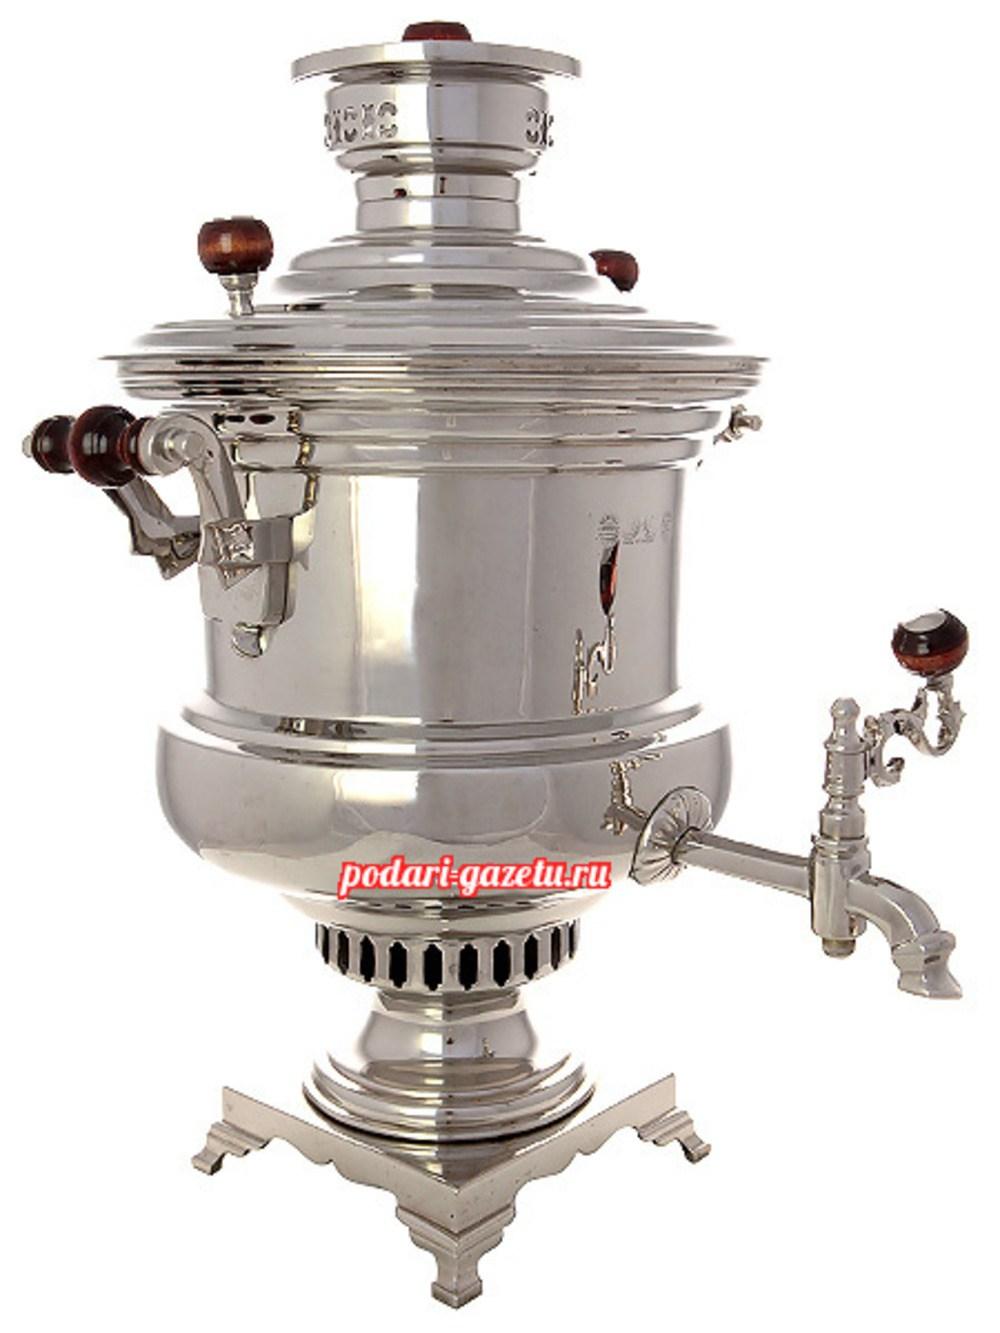 Угольный самовар (жаровой, дровяной) (6 литров) никелированный катушка